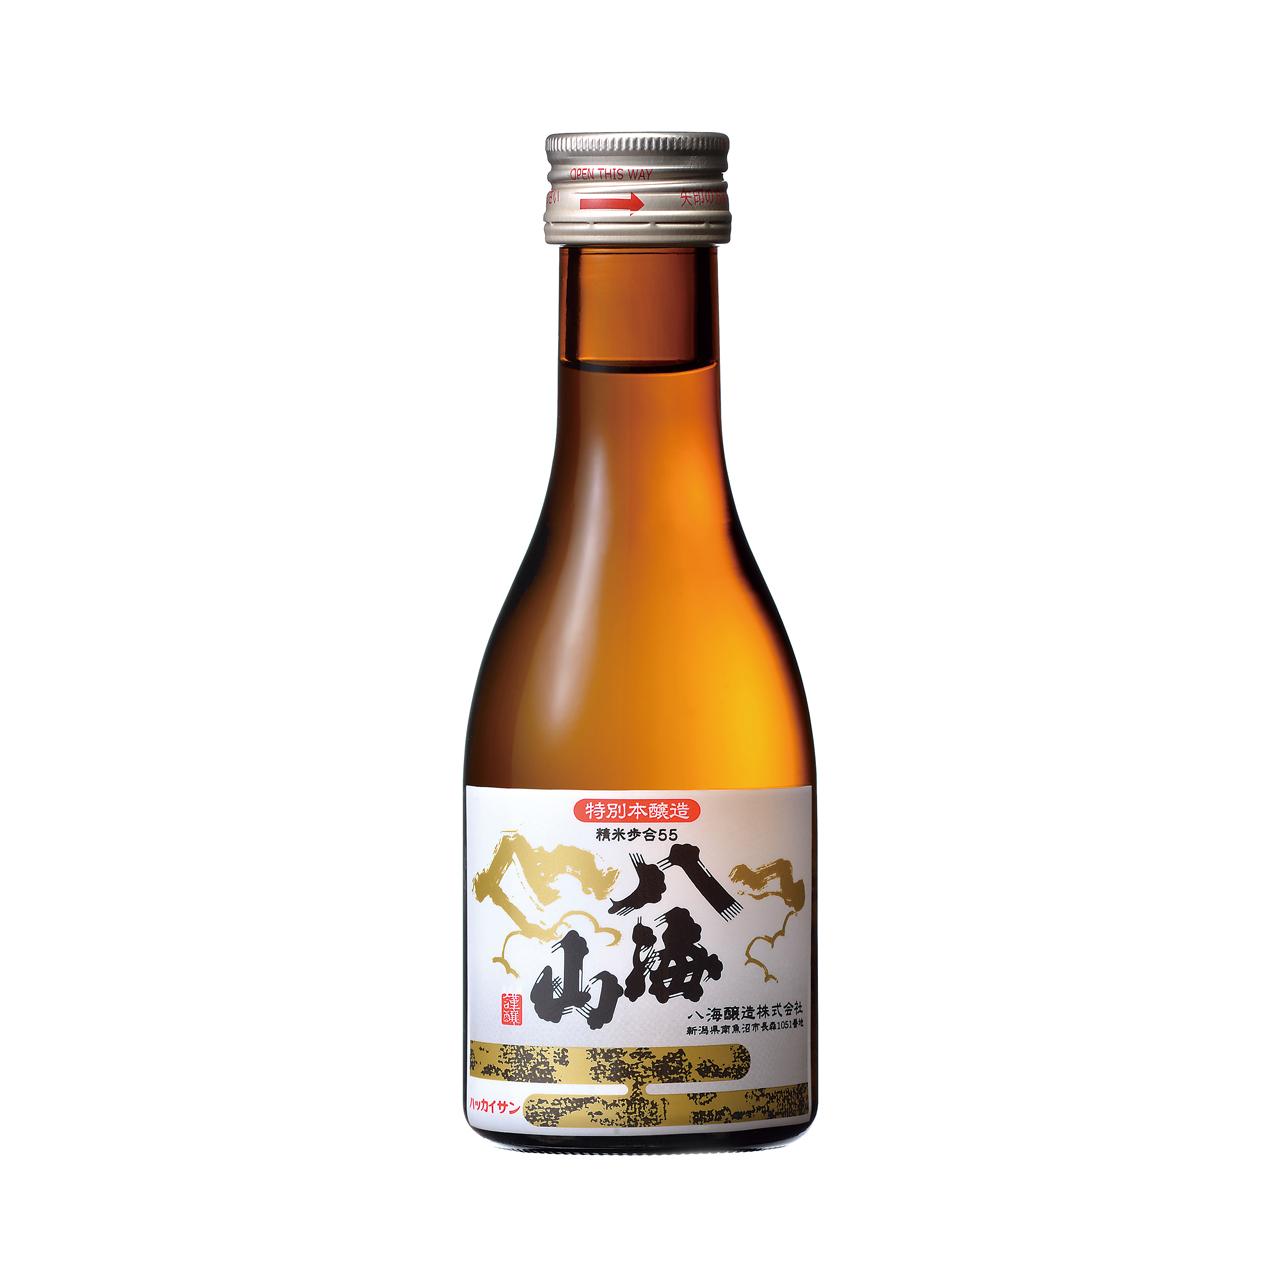 父の日 プレゼント ギフト 八海山 特別本醸造 180ml 30本 新潟県 八海山 日本酒 ケース販売 ラッキーシール対応